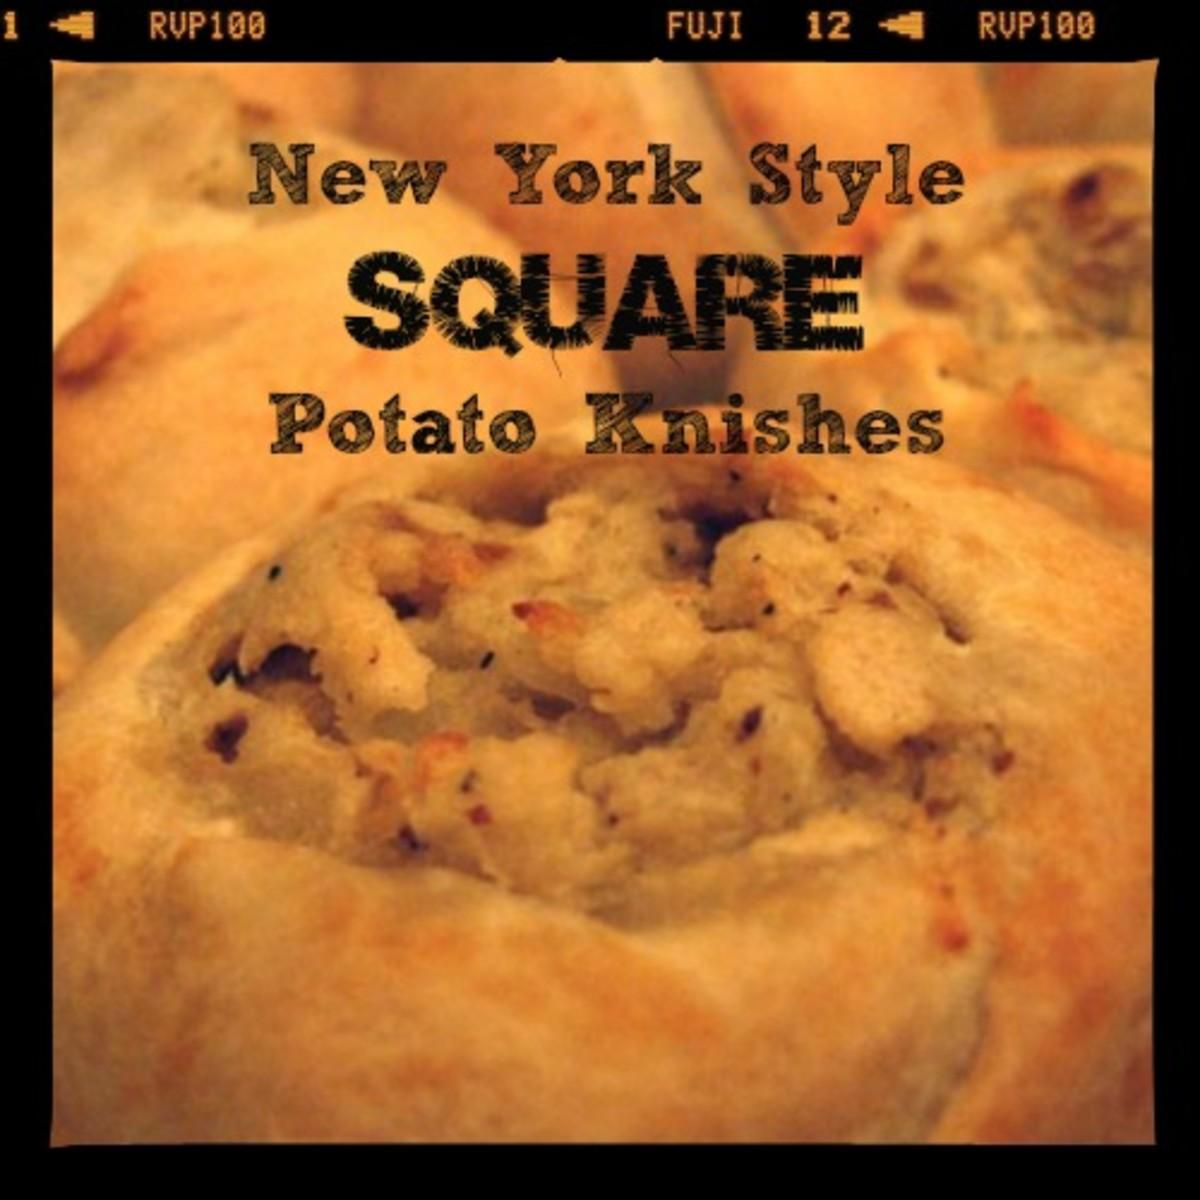 New York Style Square Potato Knich Recipe